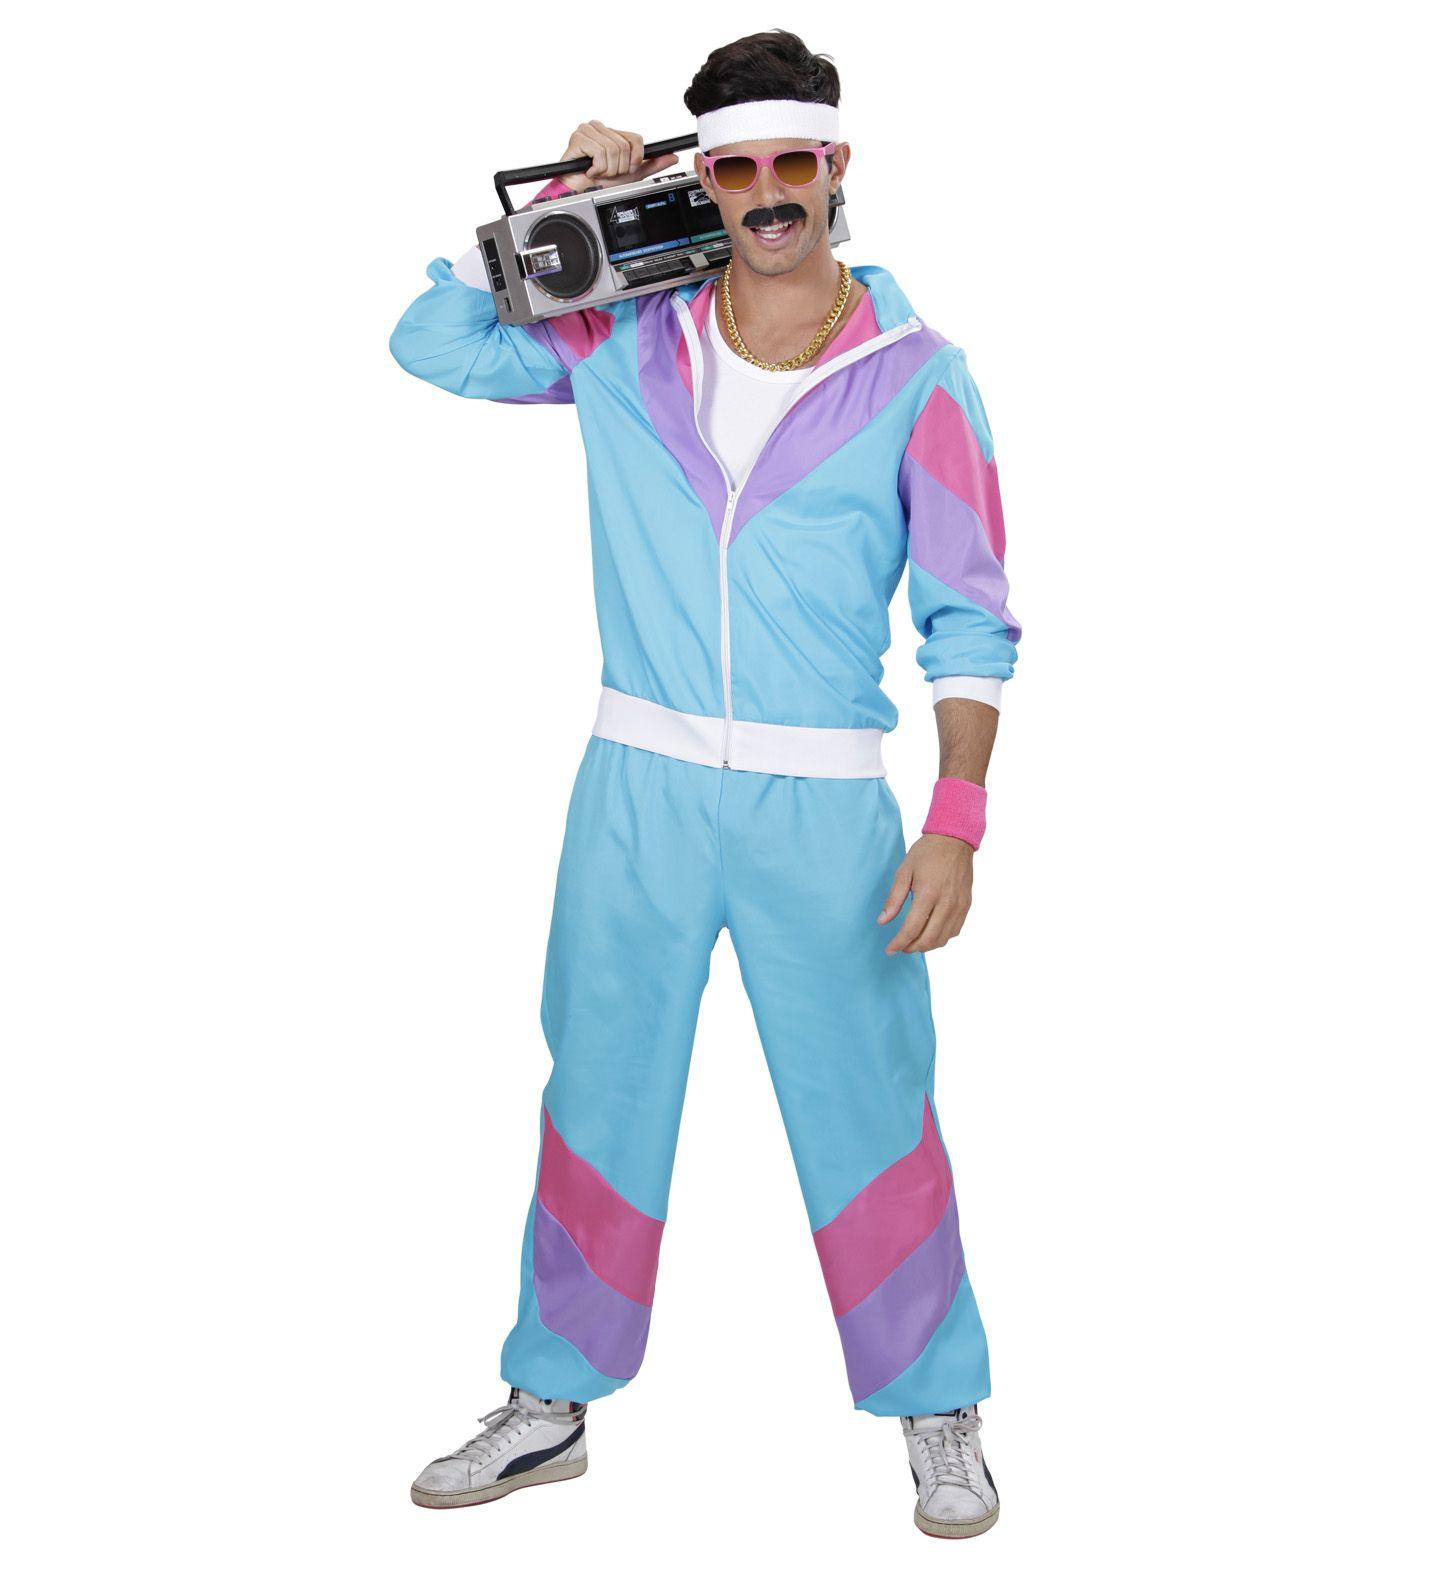 Disfraz Años 80s Chandal Incluye Chaqueta Y Pantalones Http Www Disfracessimon